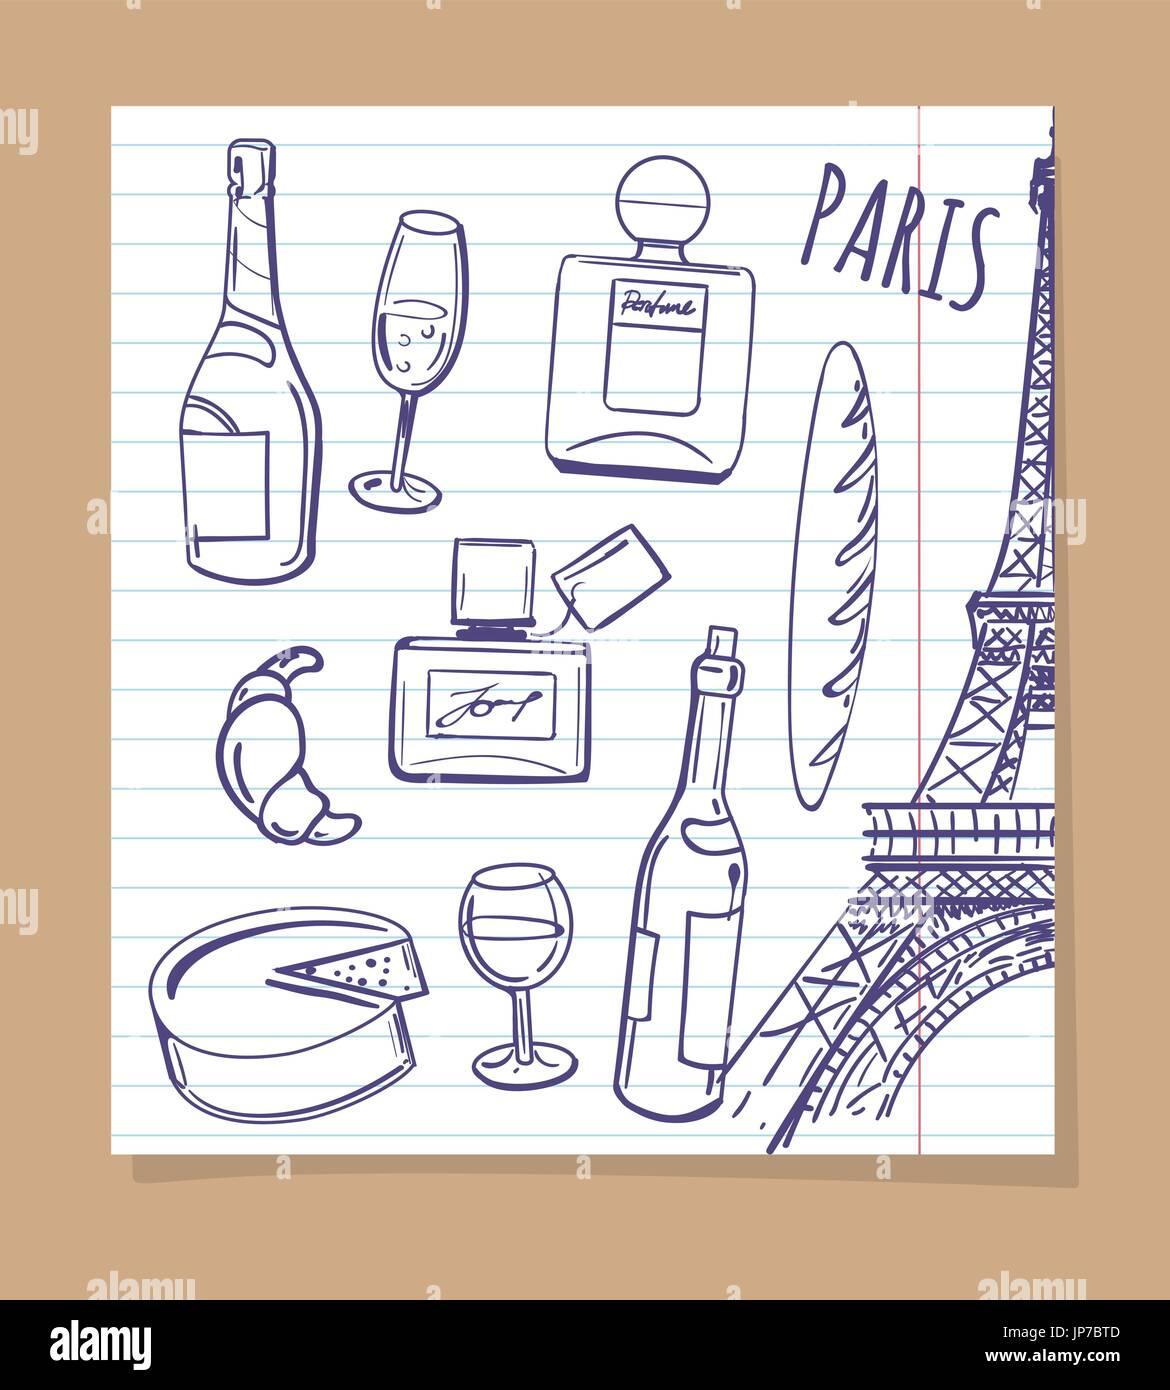 Symbole von Paris skizzieren. Vektor-beliebte französische Speisen ...